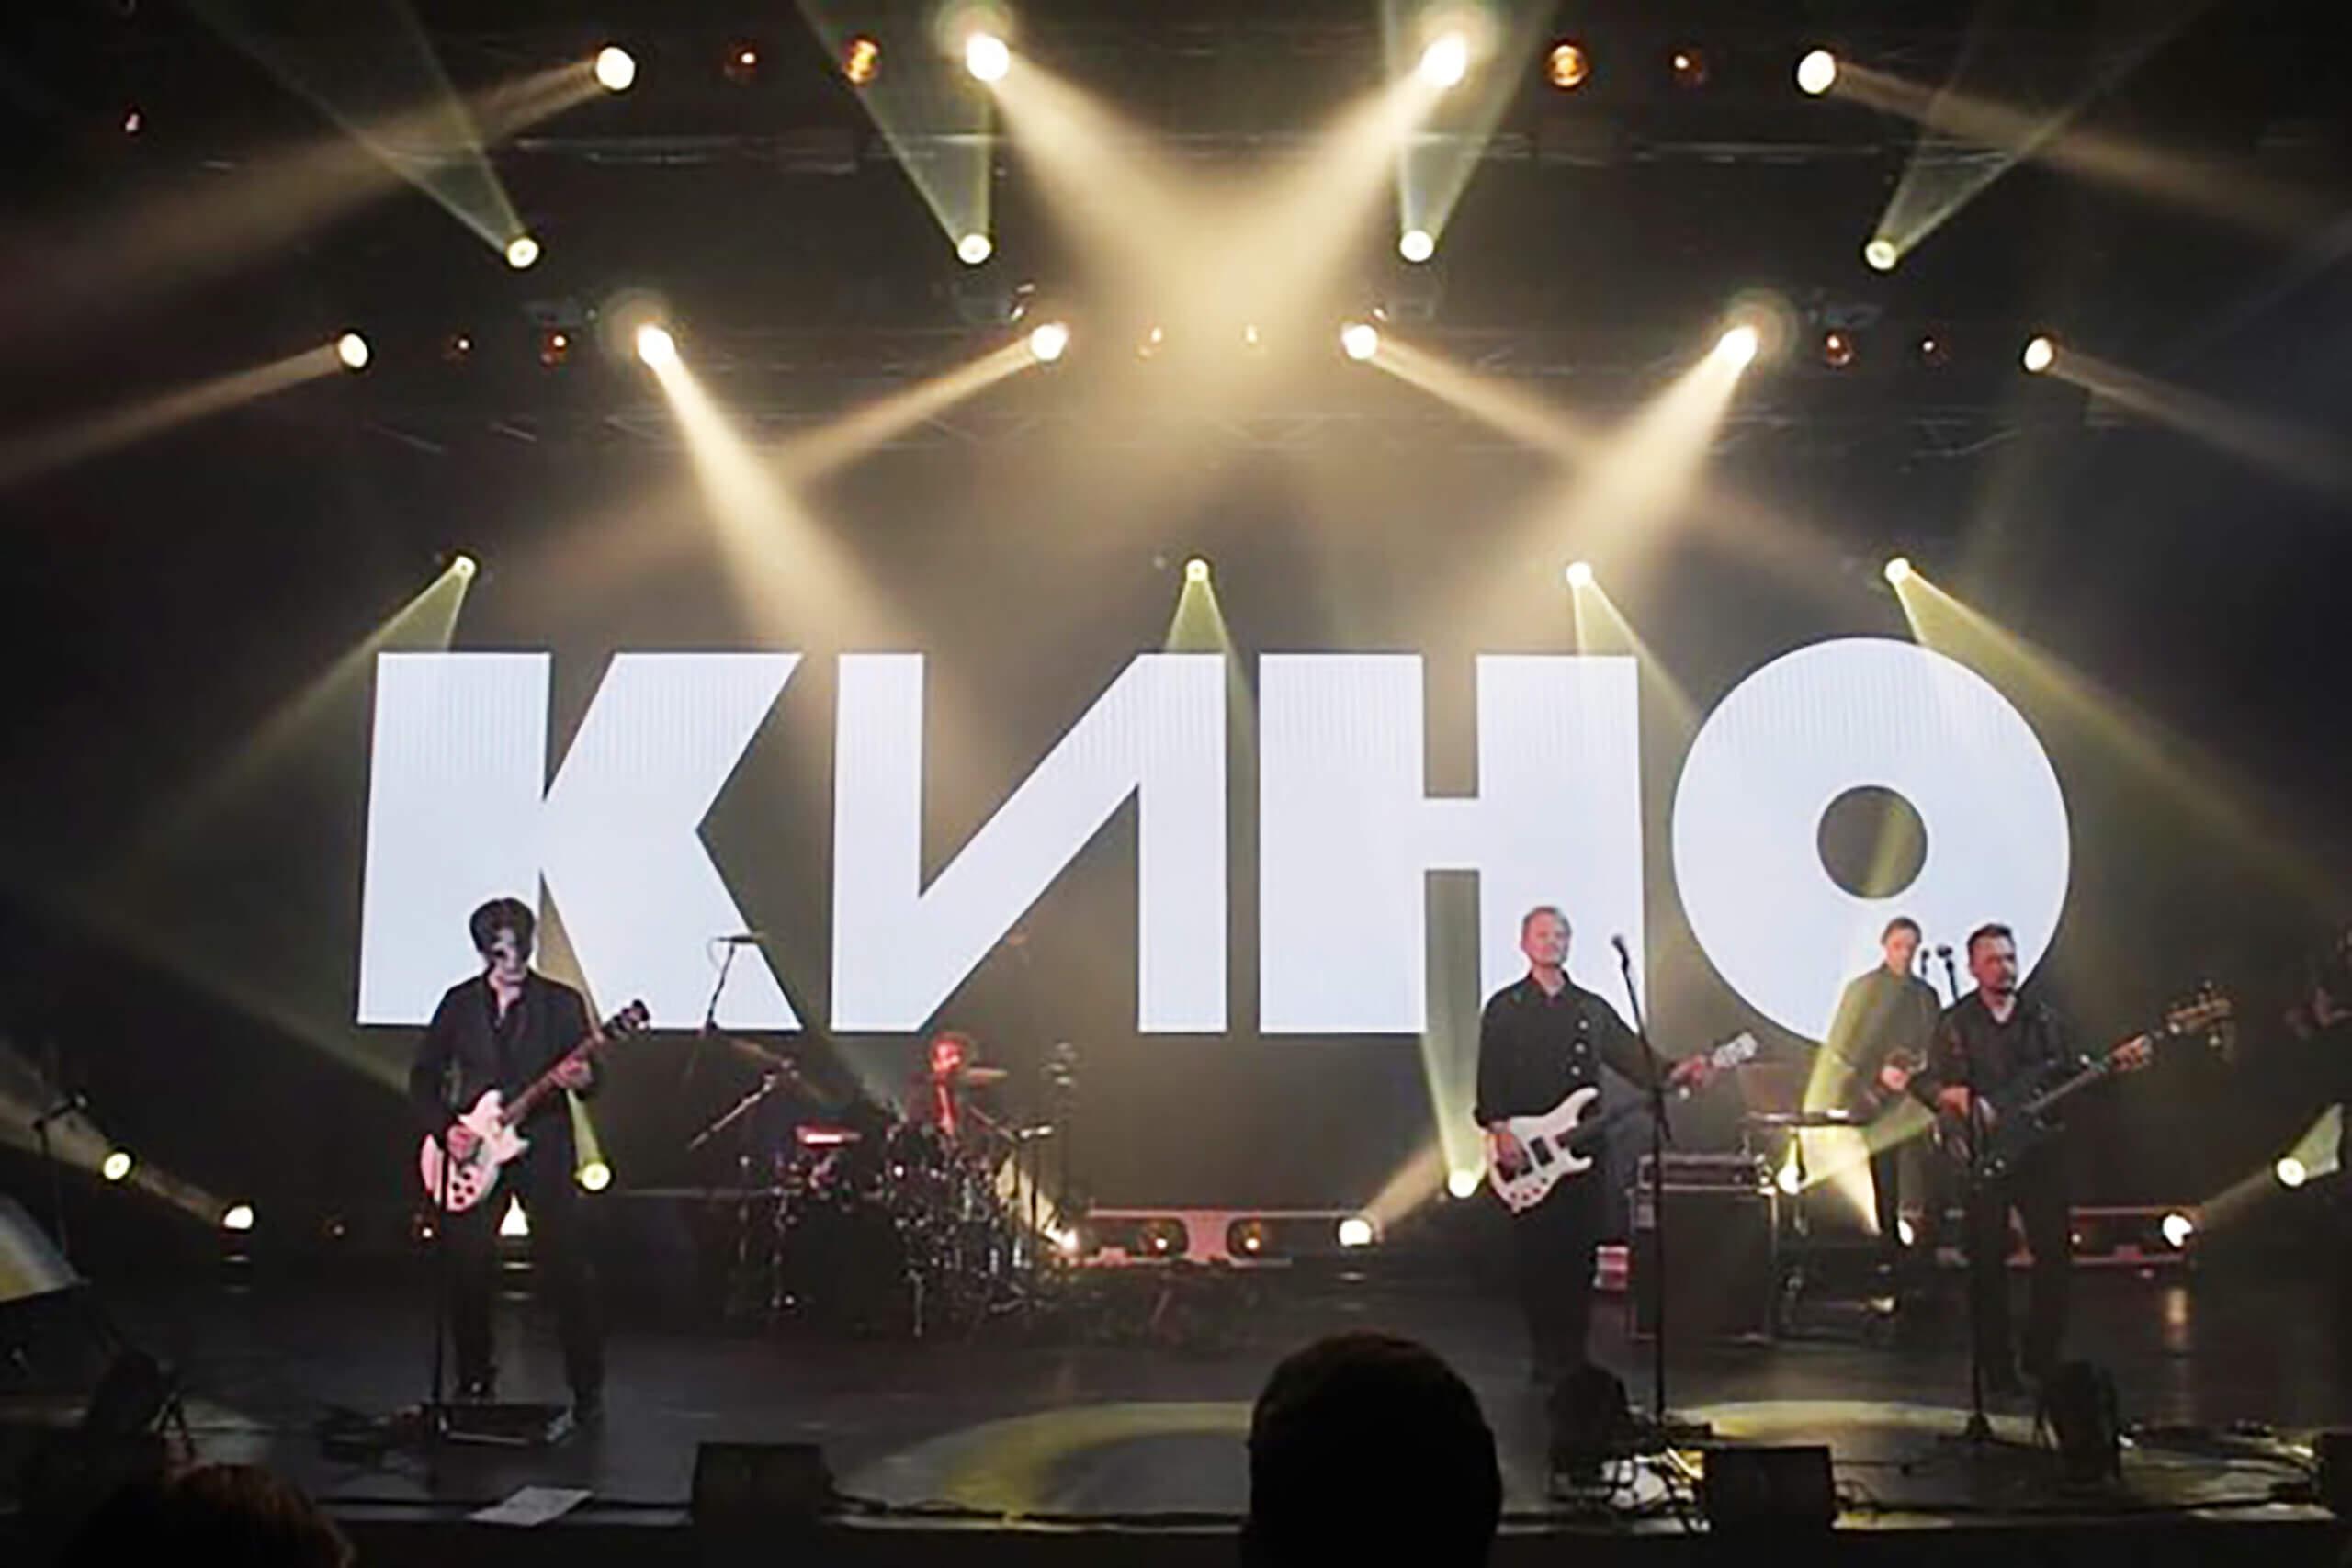 КИНО в Санкт-Петербурге